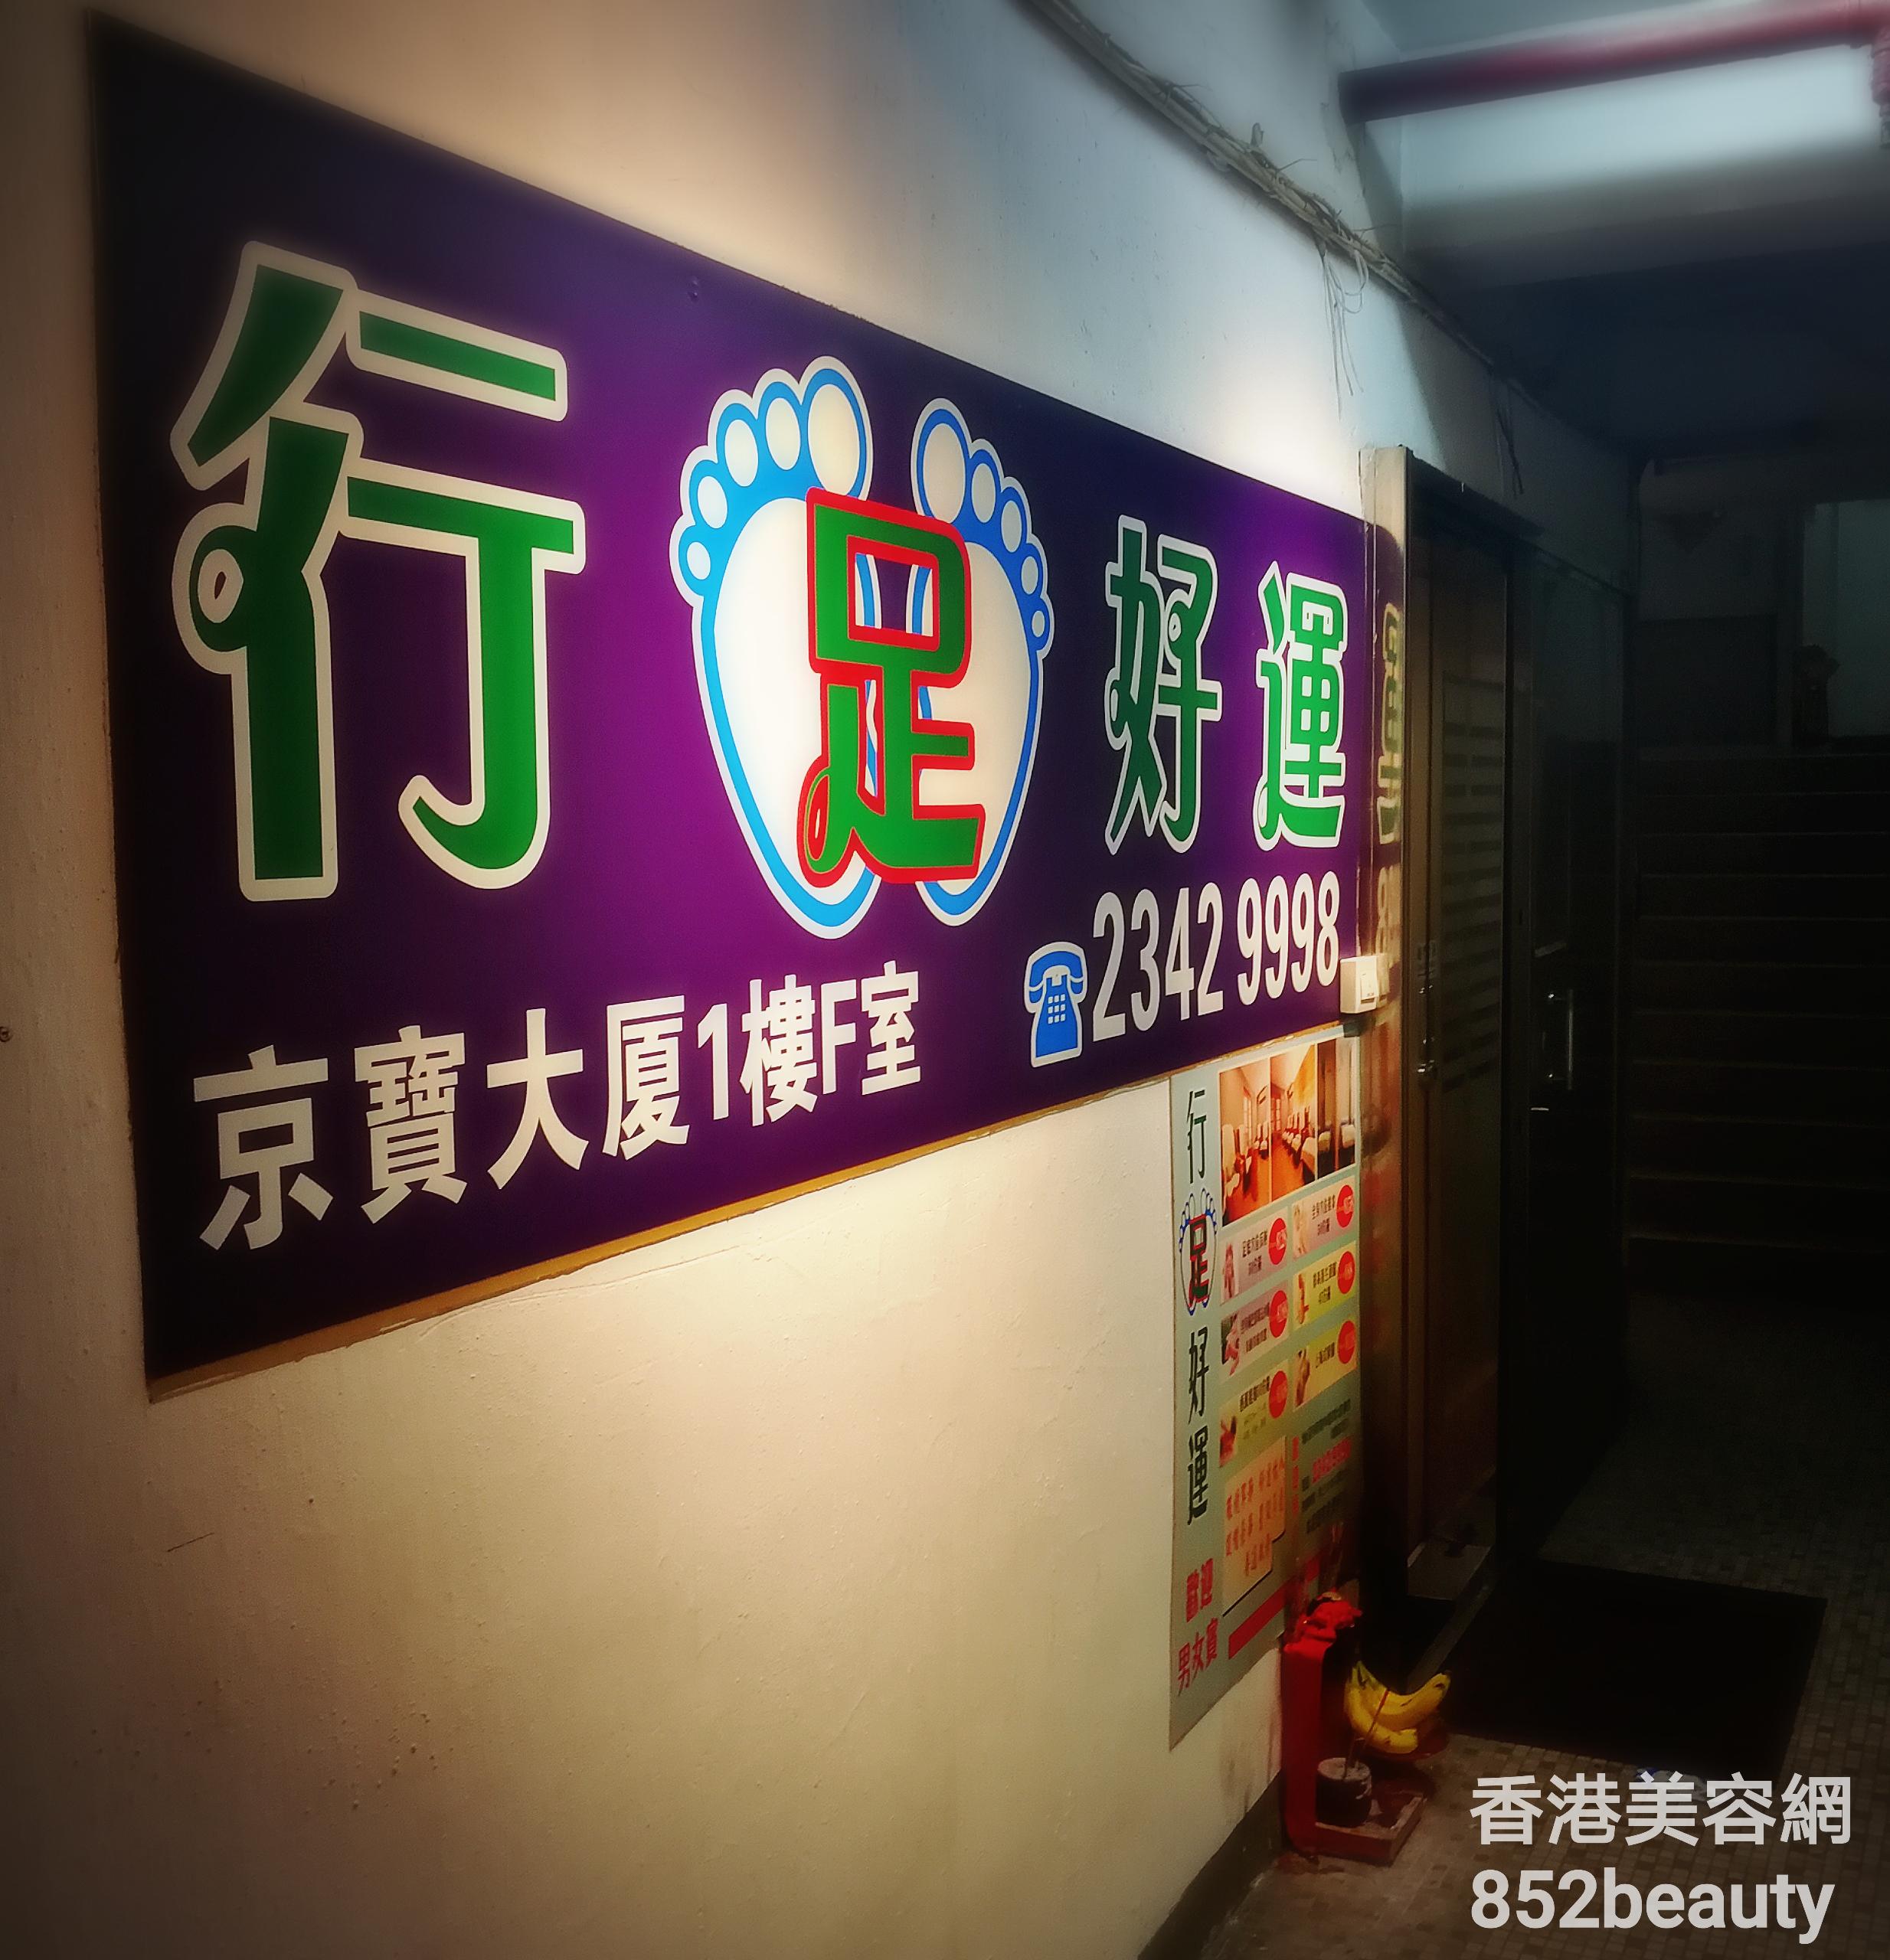 香港美容院 美容師 : 行足好運 @青年創業軍